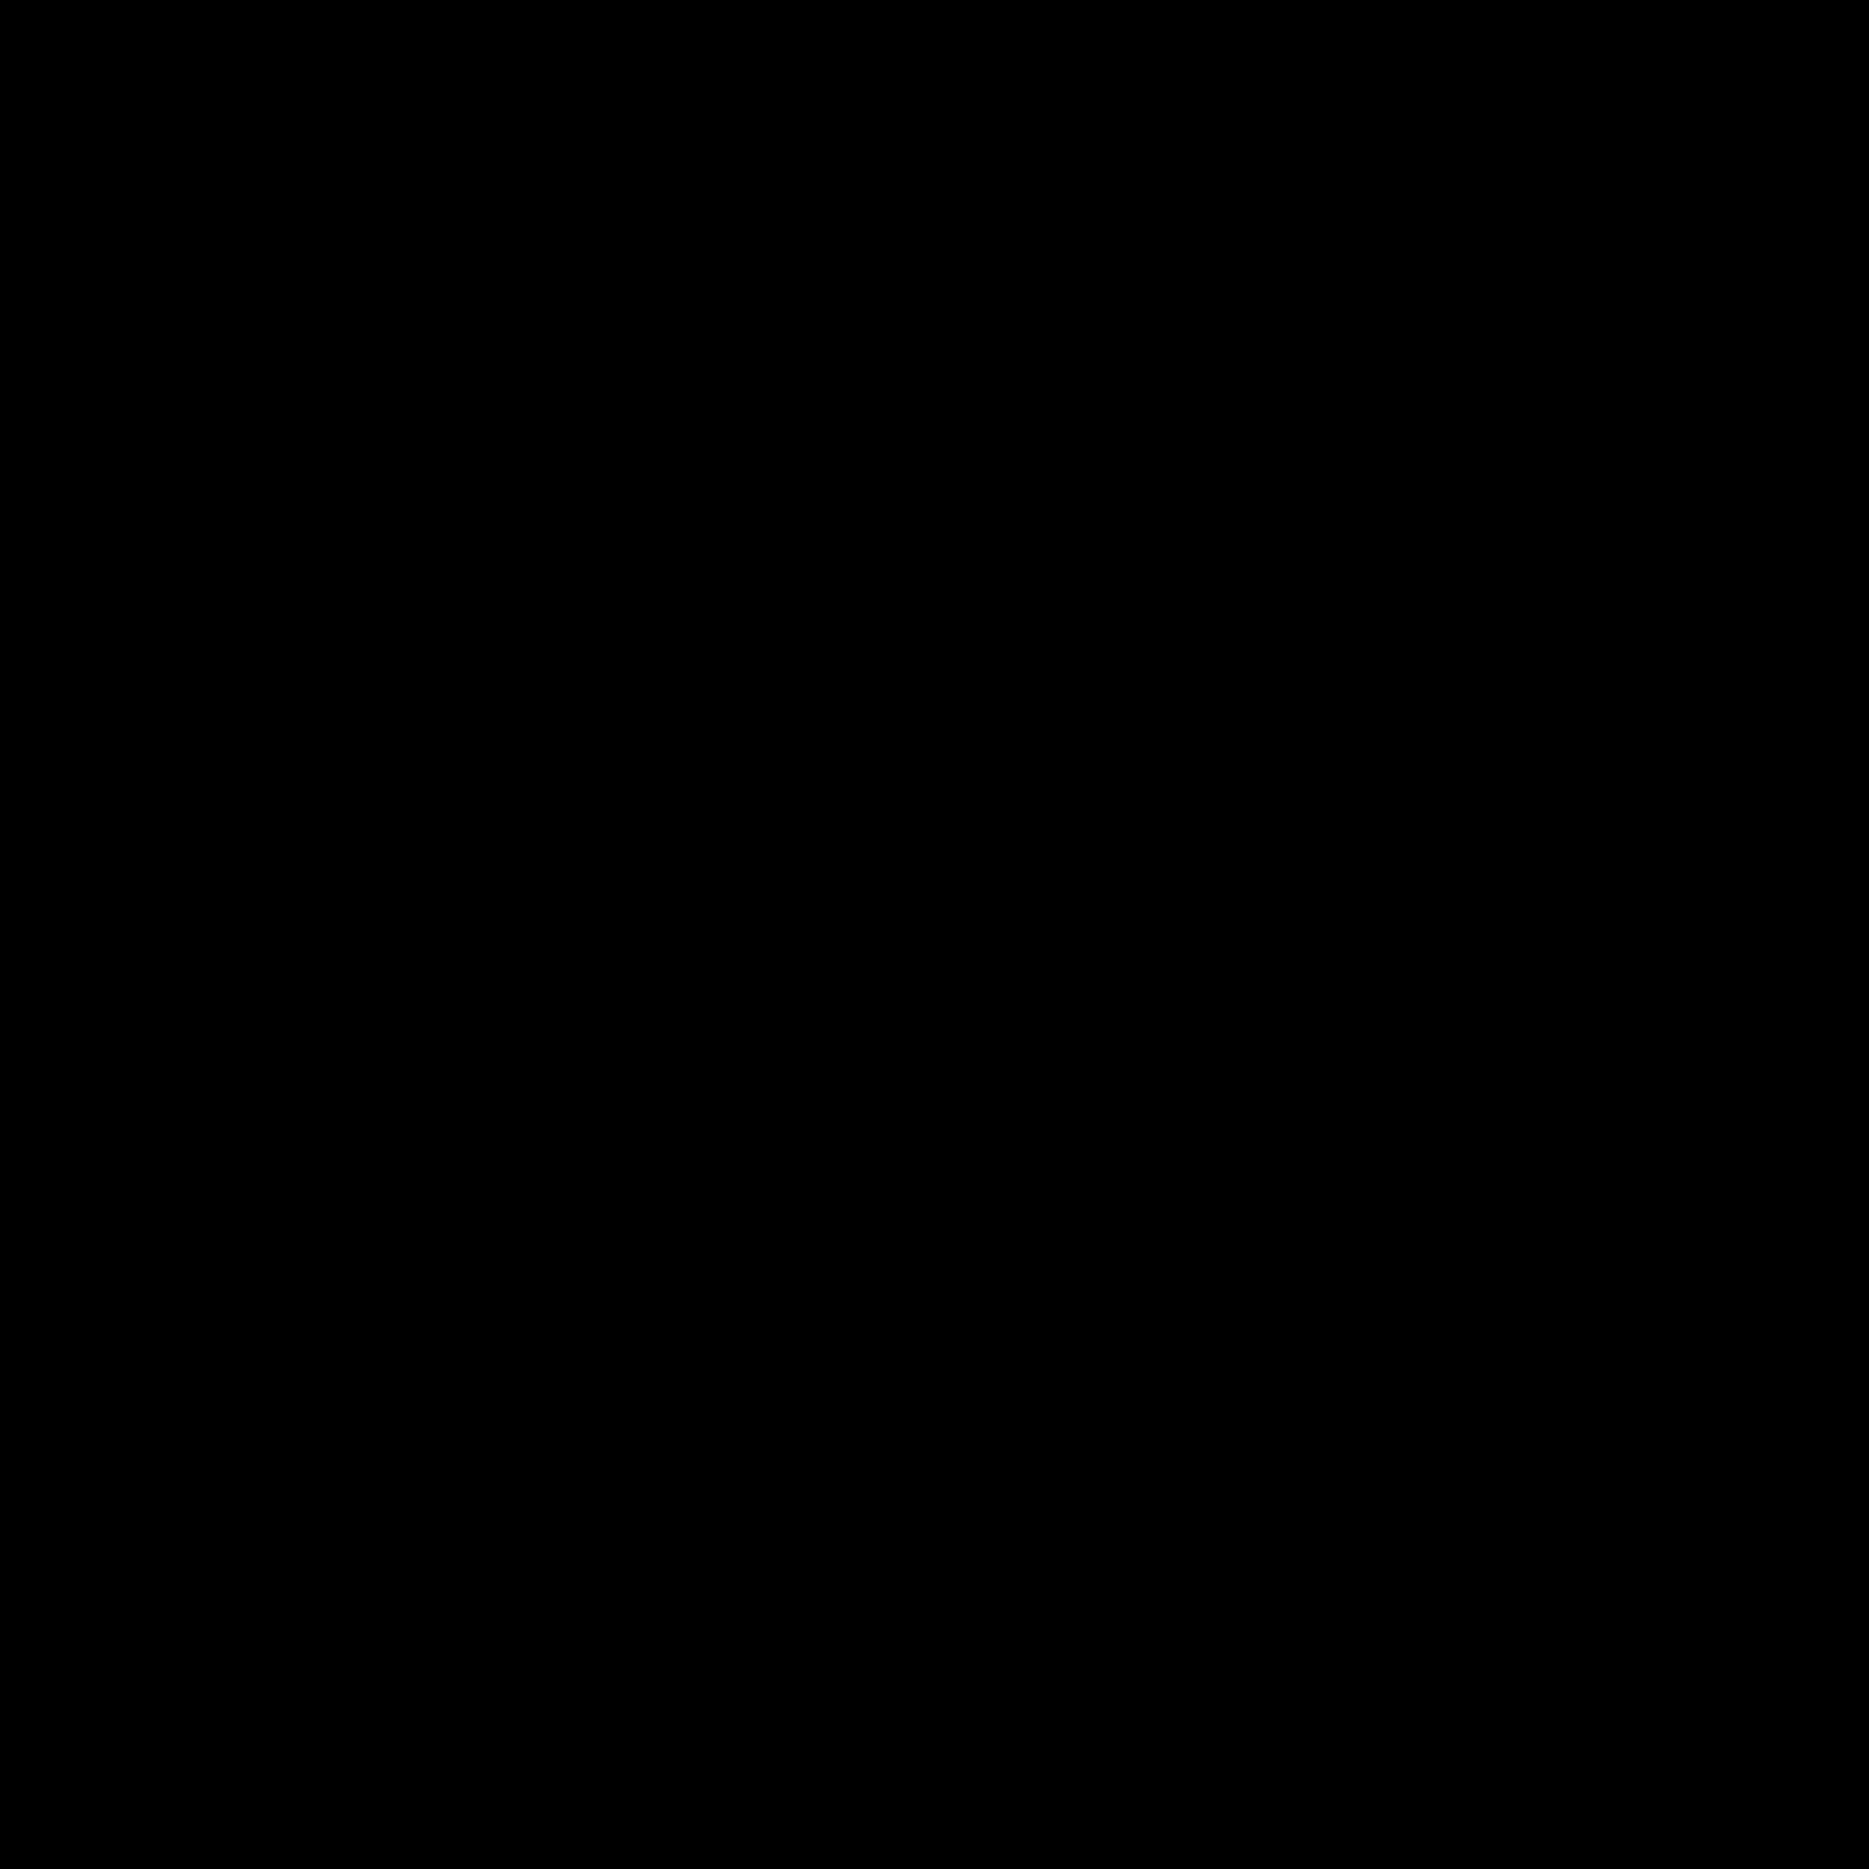 1869x1869 Bear Silhouette Clipart